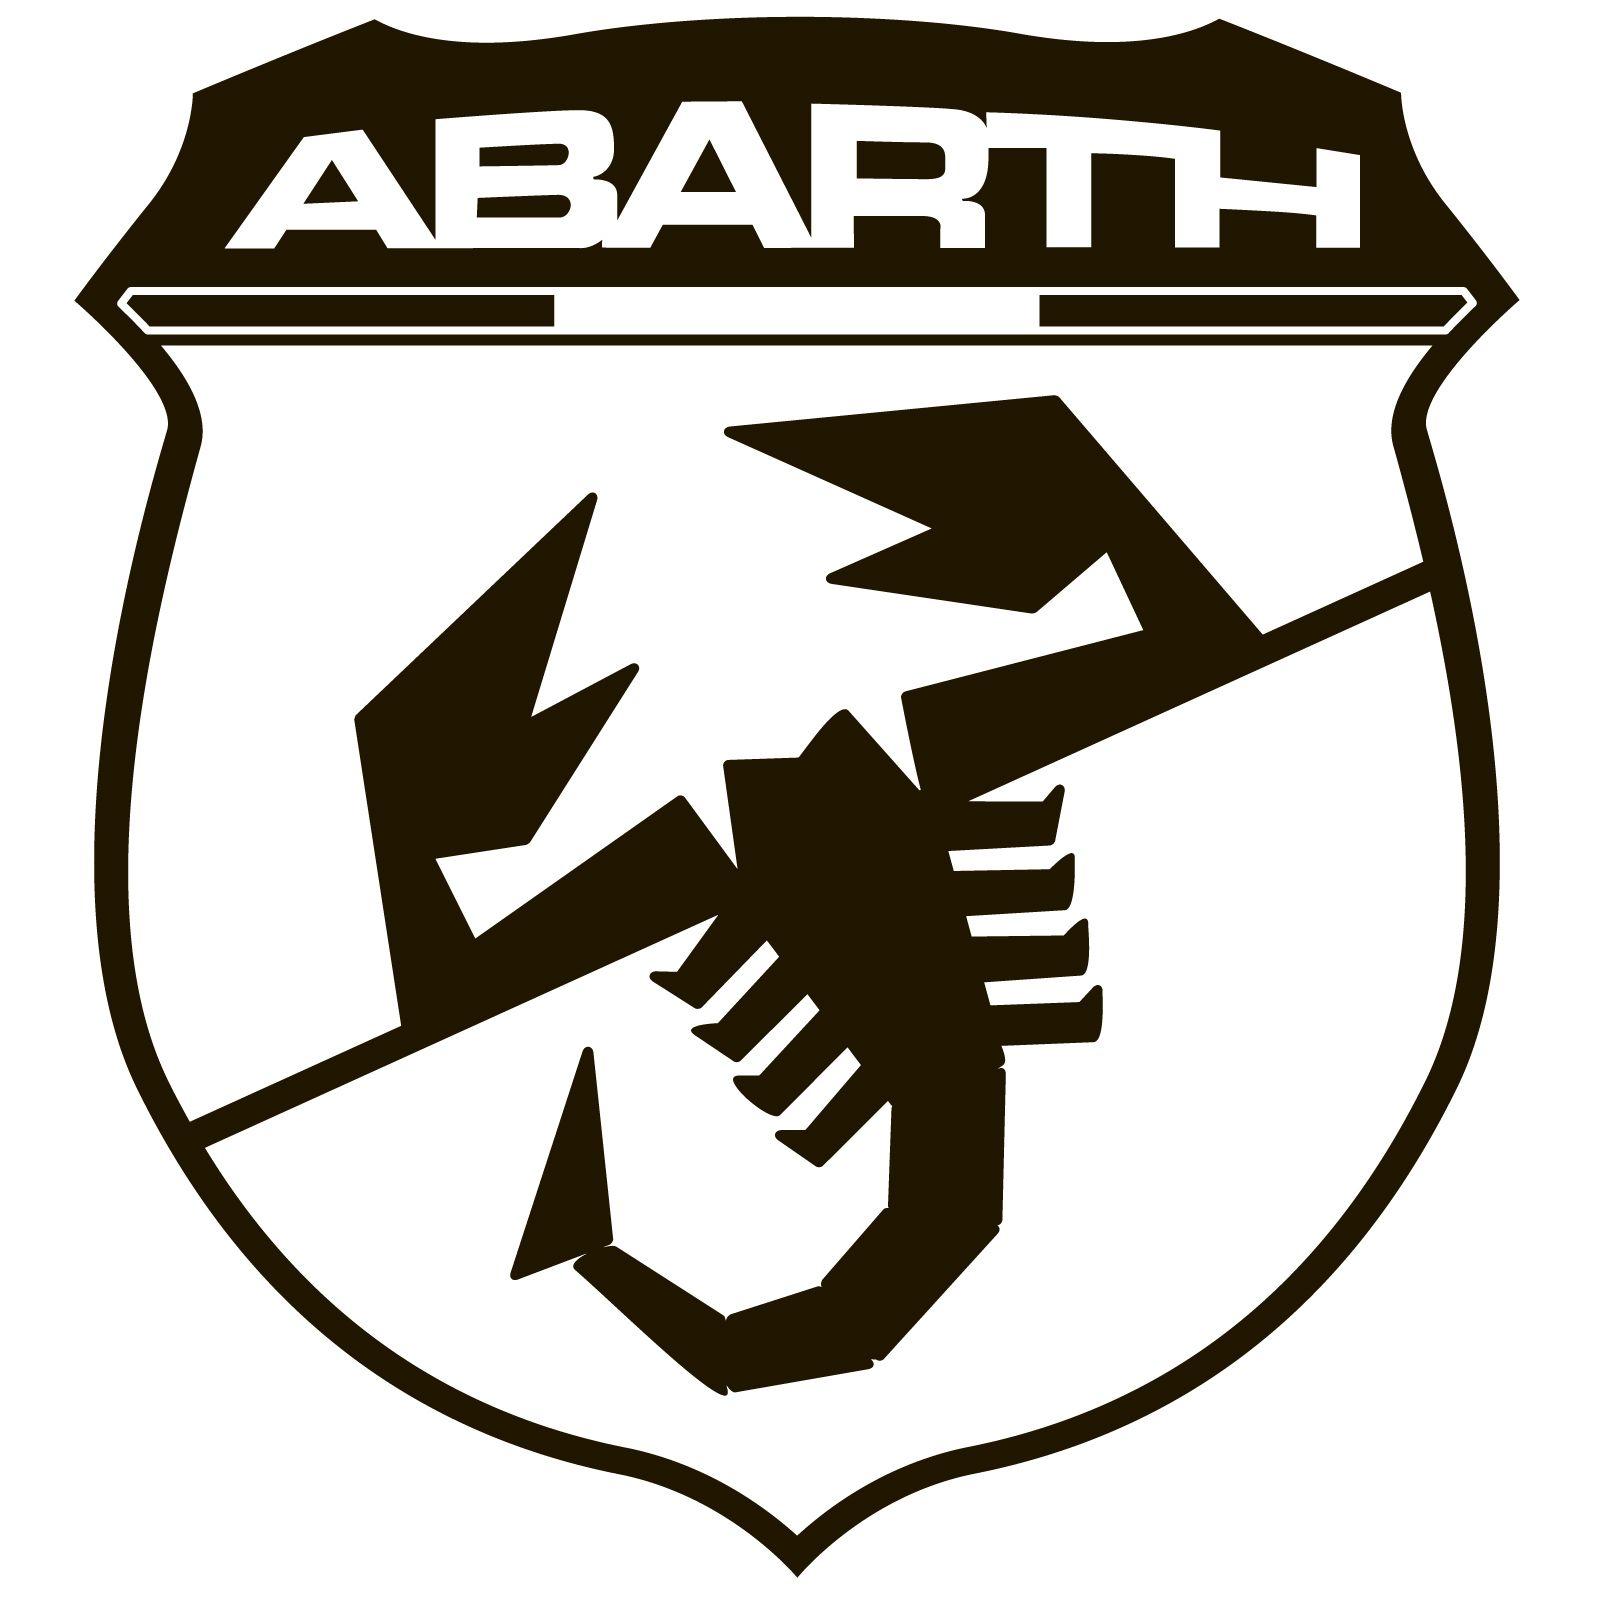 Emblème Abarth.